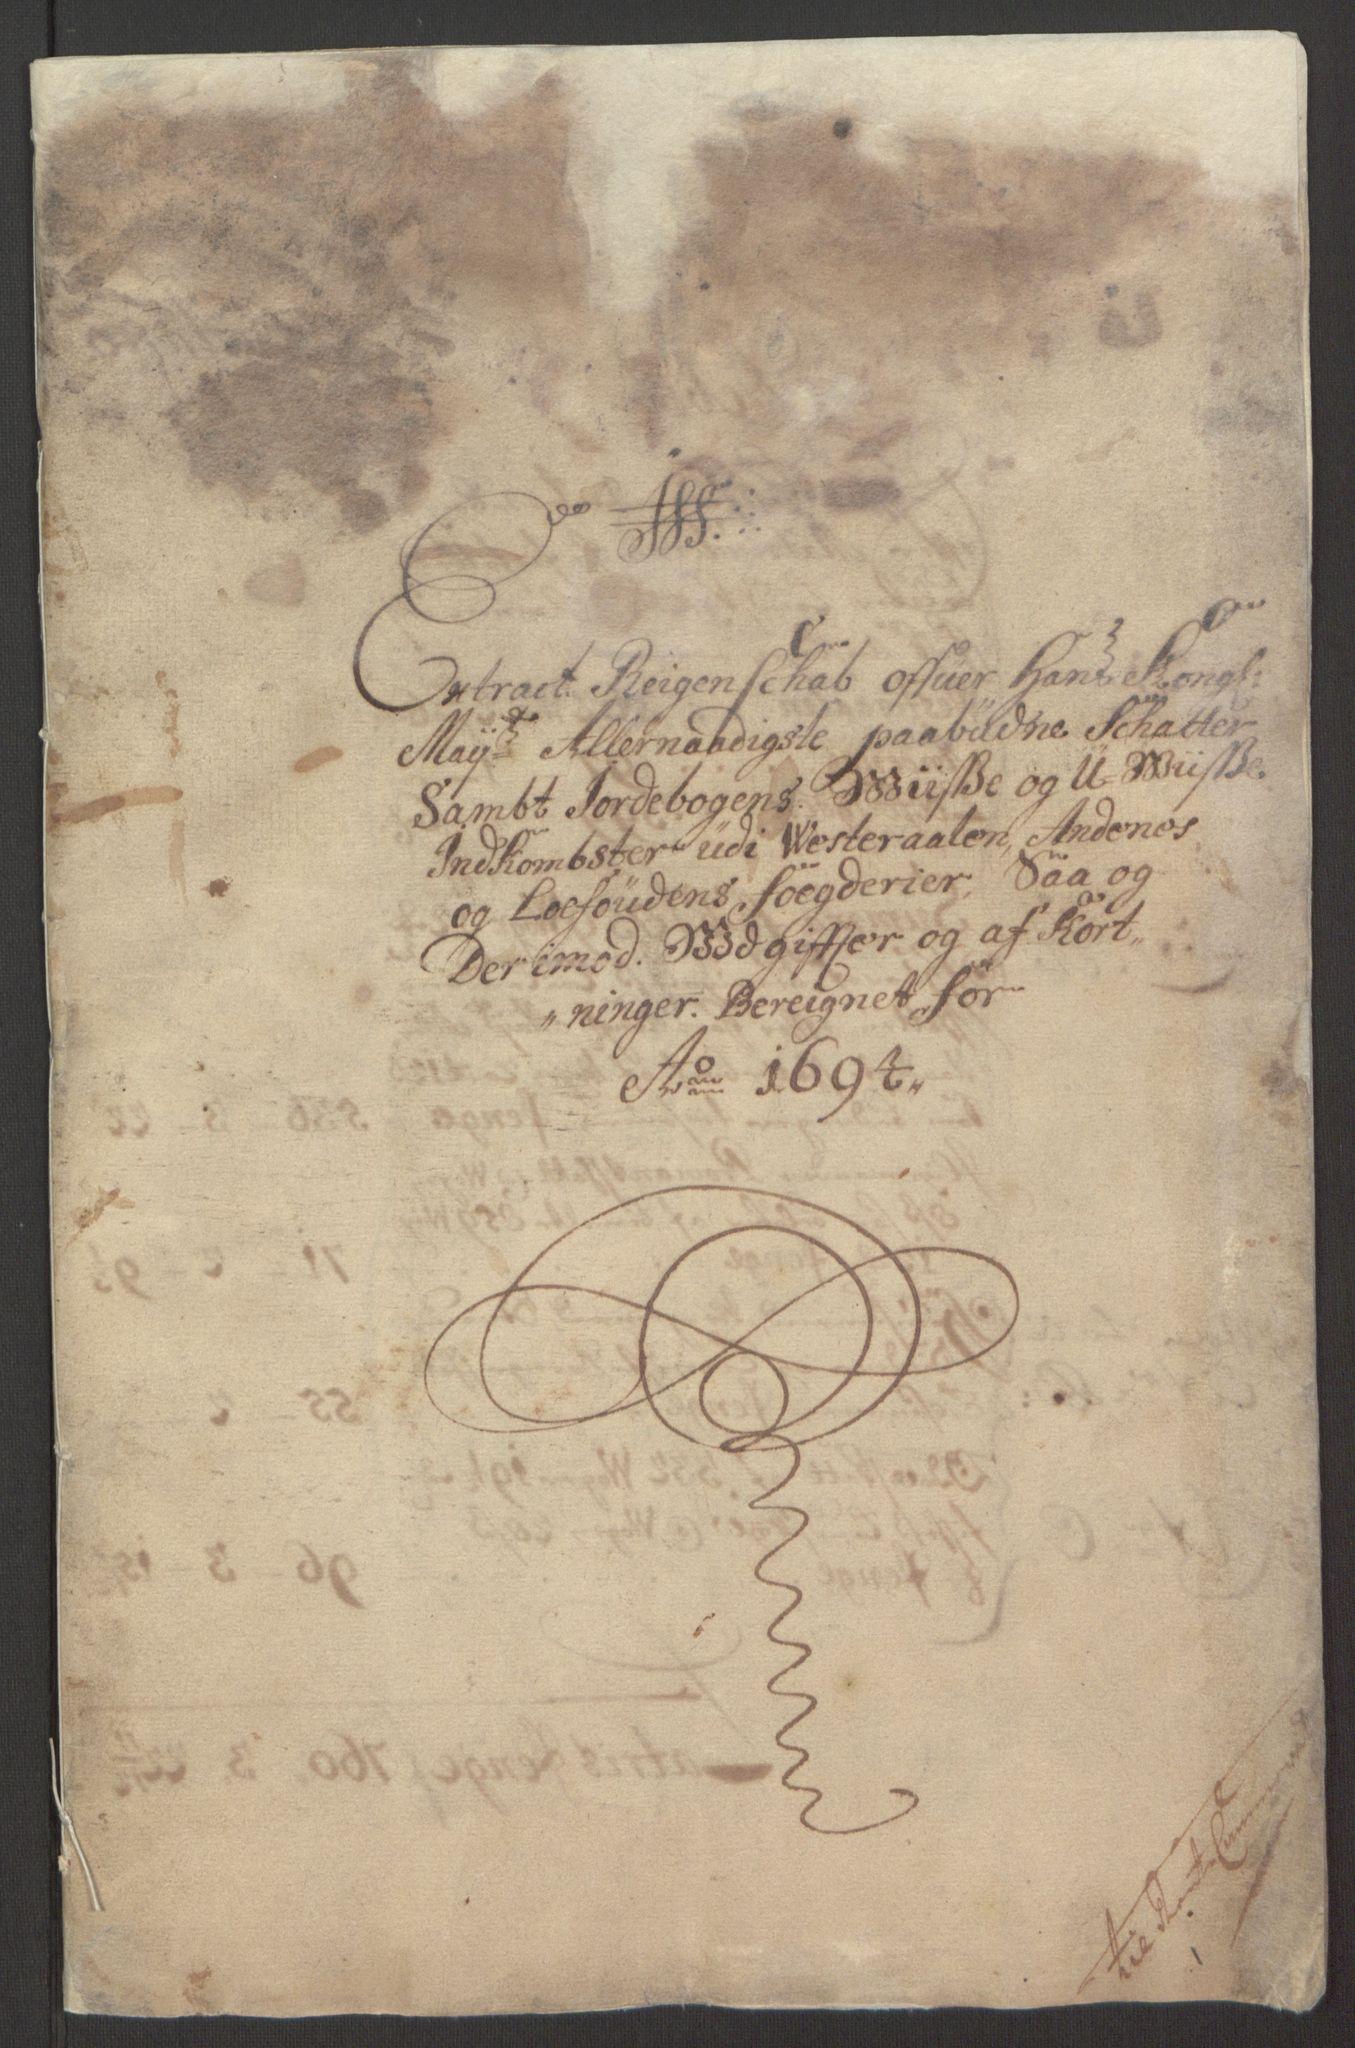 RA, Rentekammeret inntil 1814, Reviderte regnskaper, Fogderegnskap, R67/L4677: Fogderegnskap Vesterålen, Andenes og Lofoten, 1694-1695, s. 5